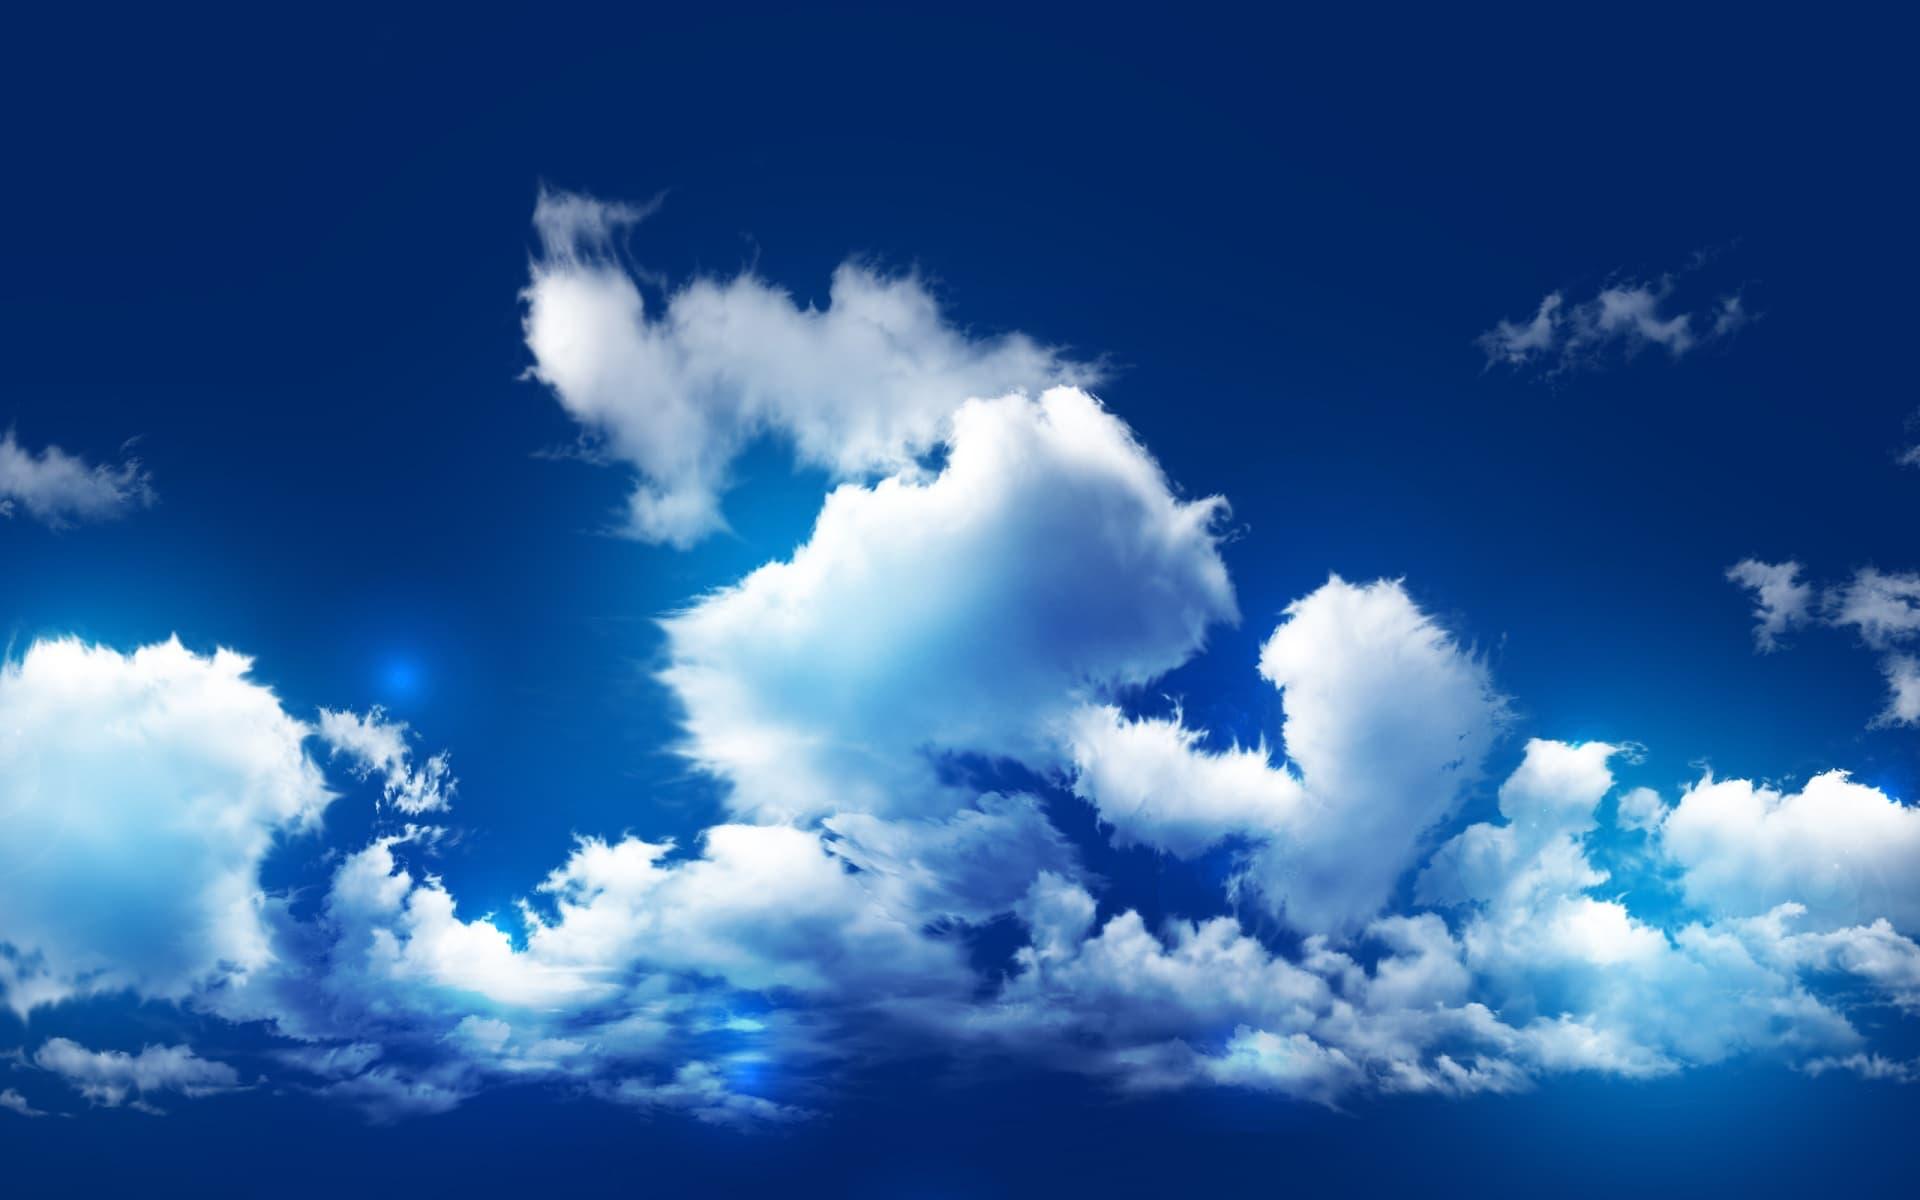 clouds_1-1